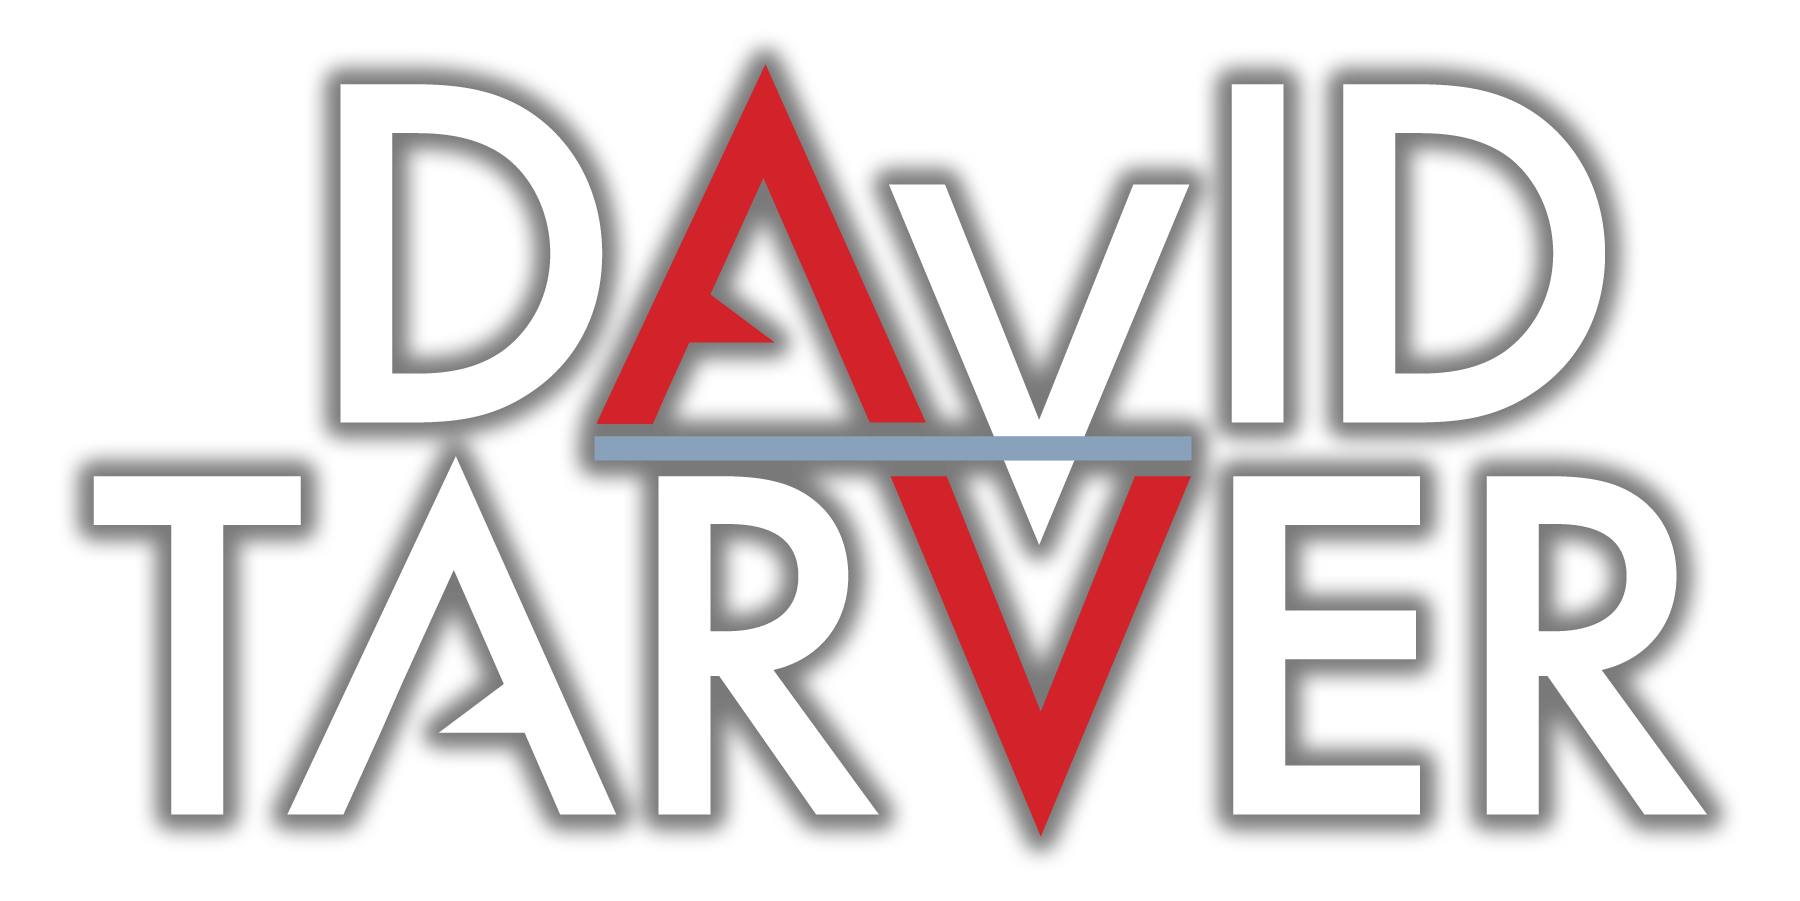 DavidTarver.com